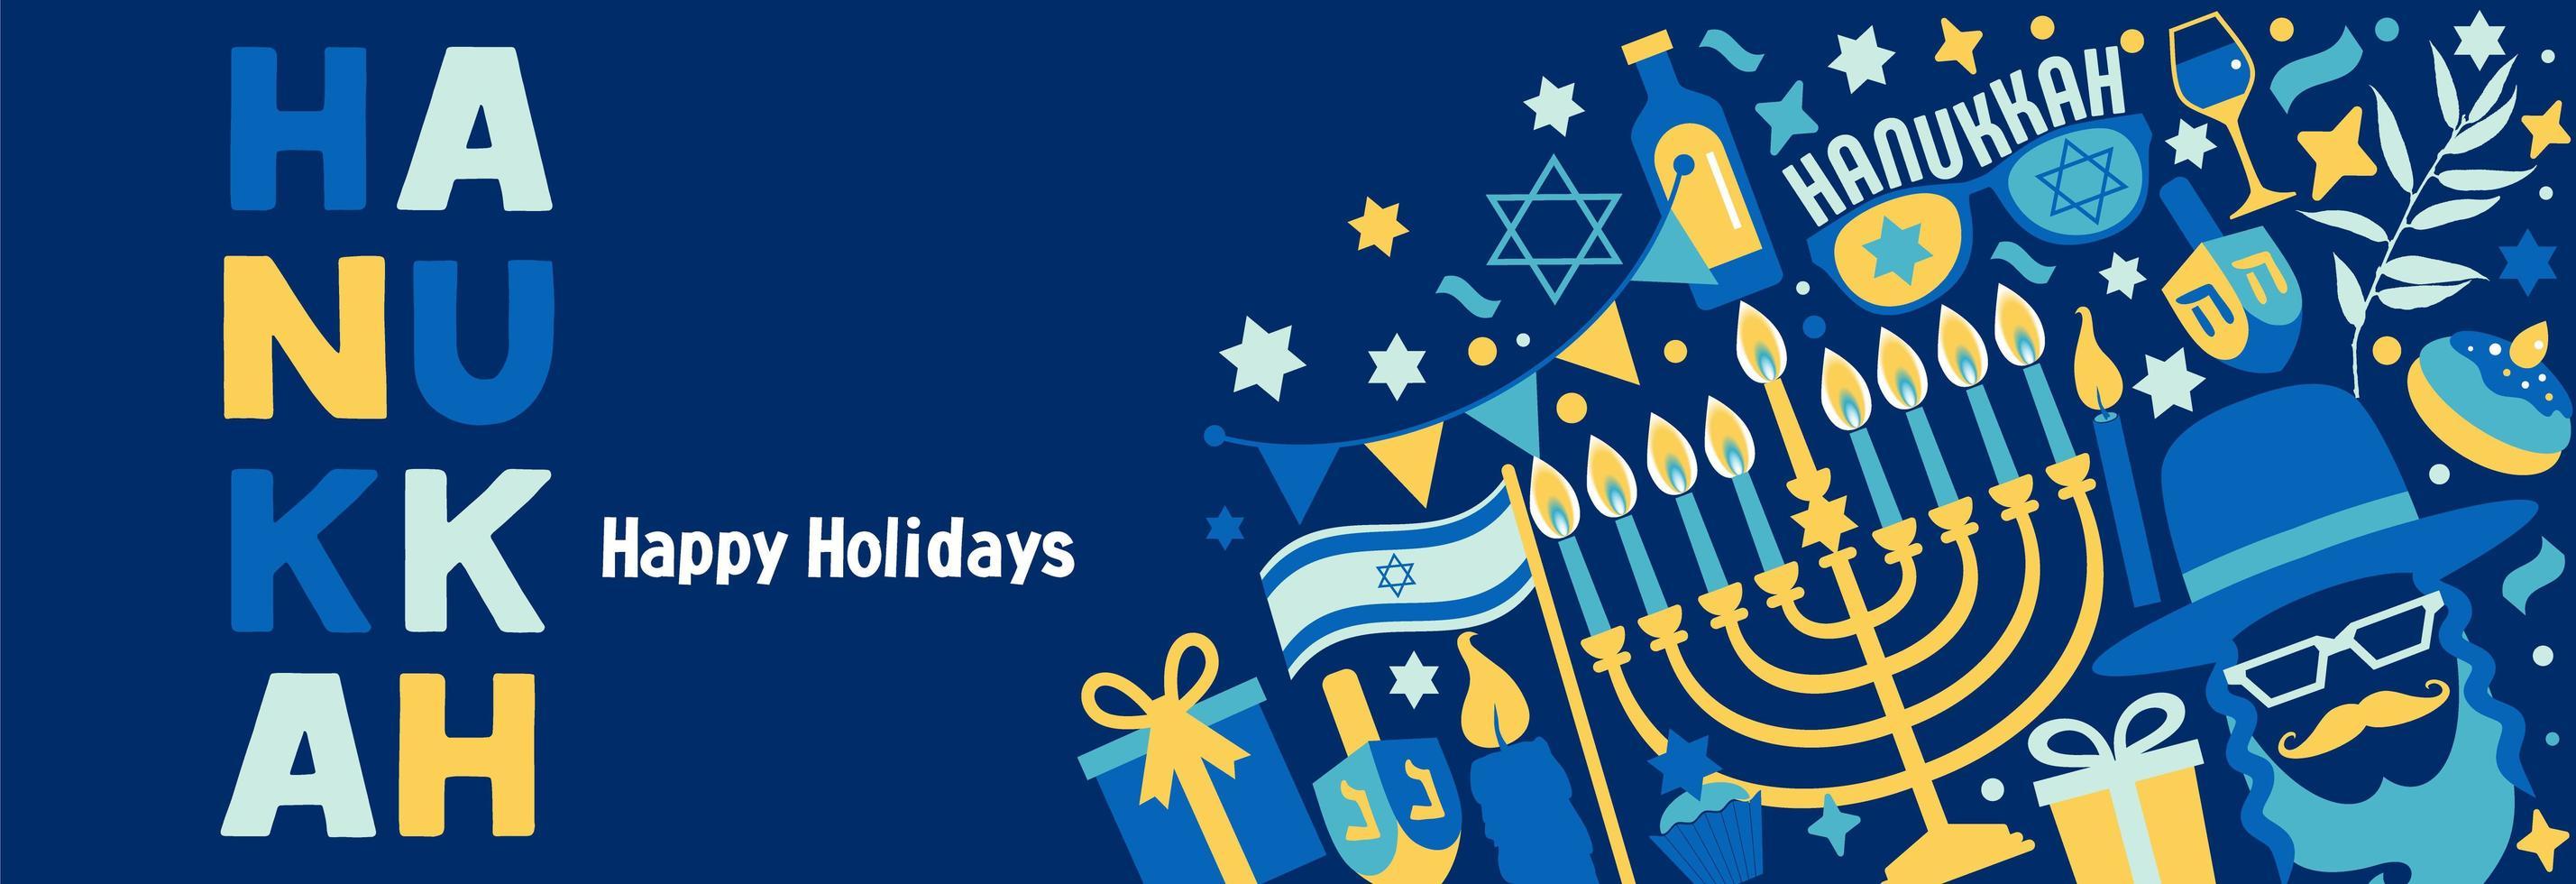 bannière web de Hanoukka de vacances juives vecteur